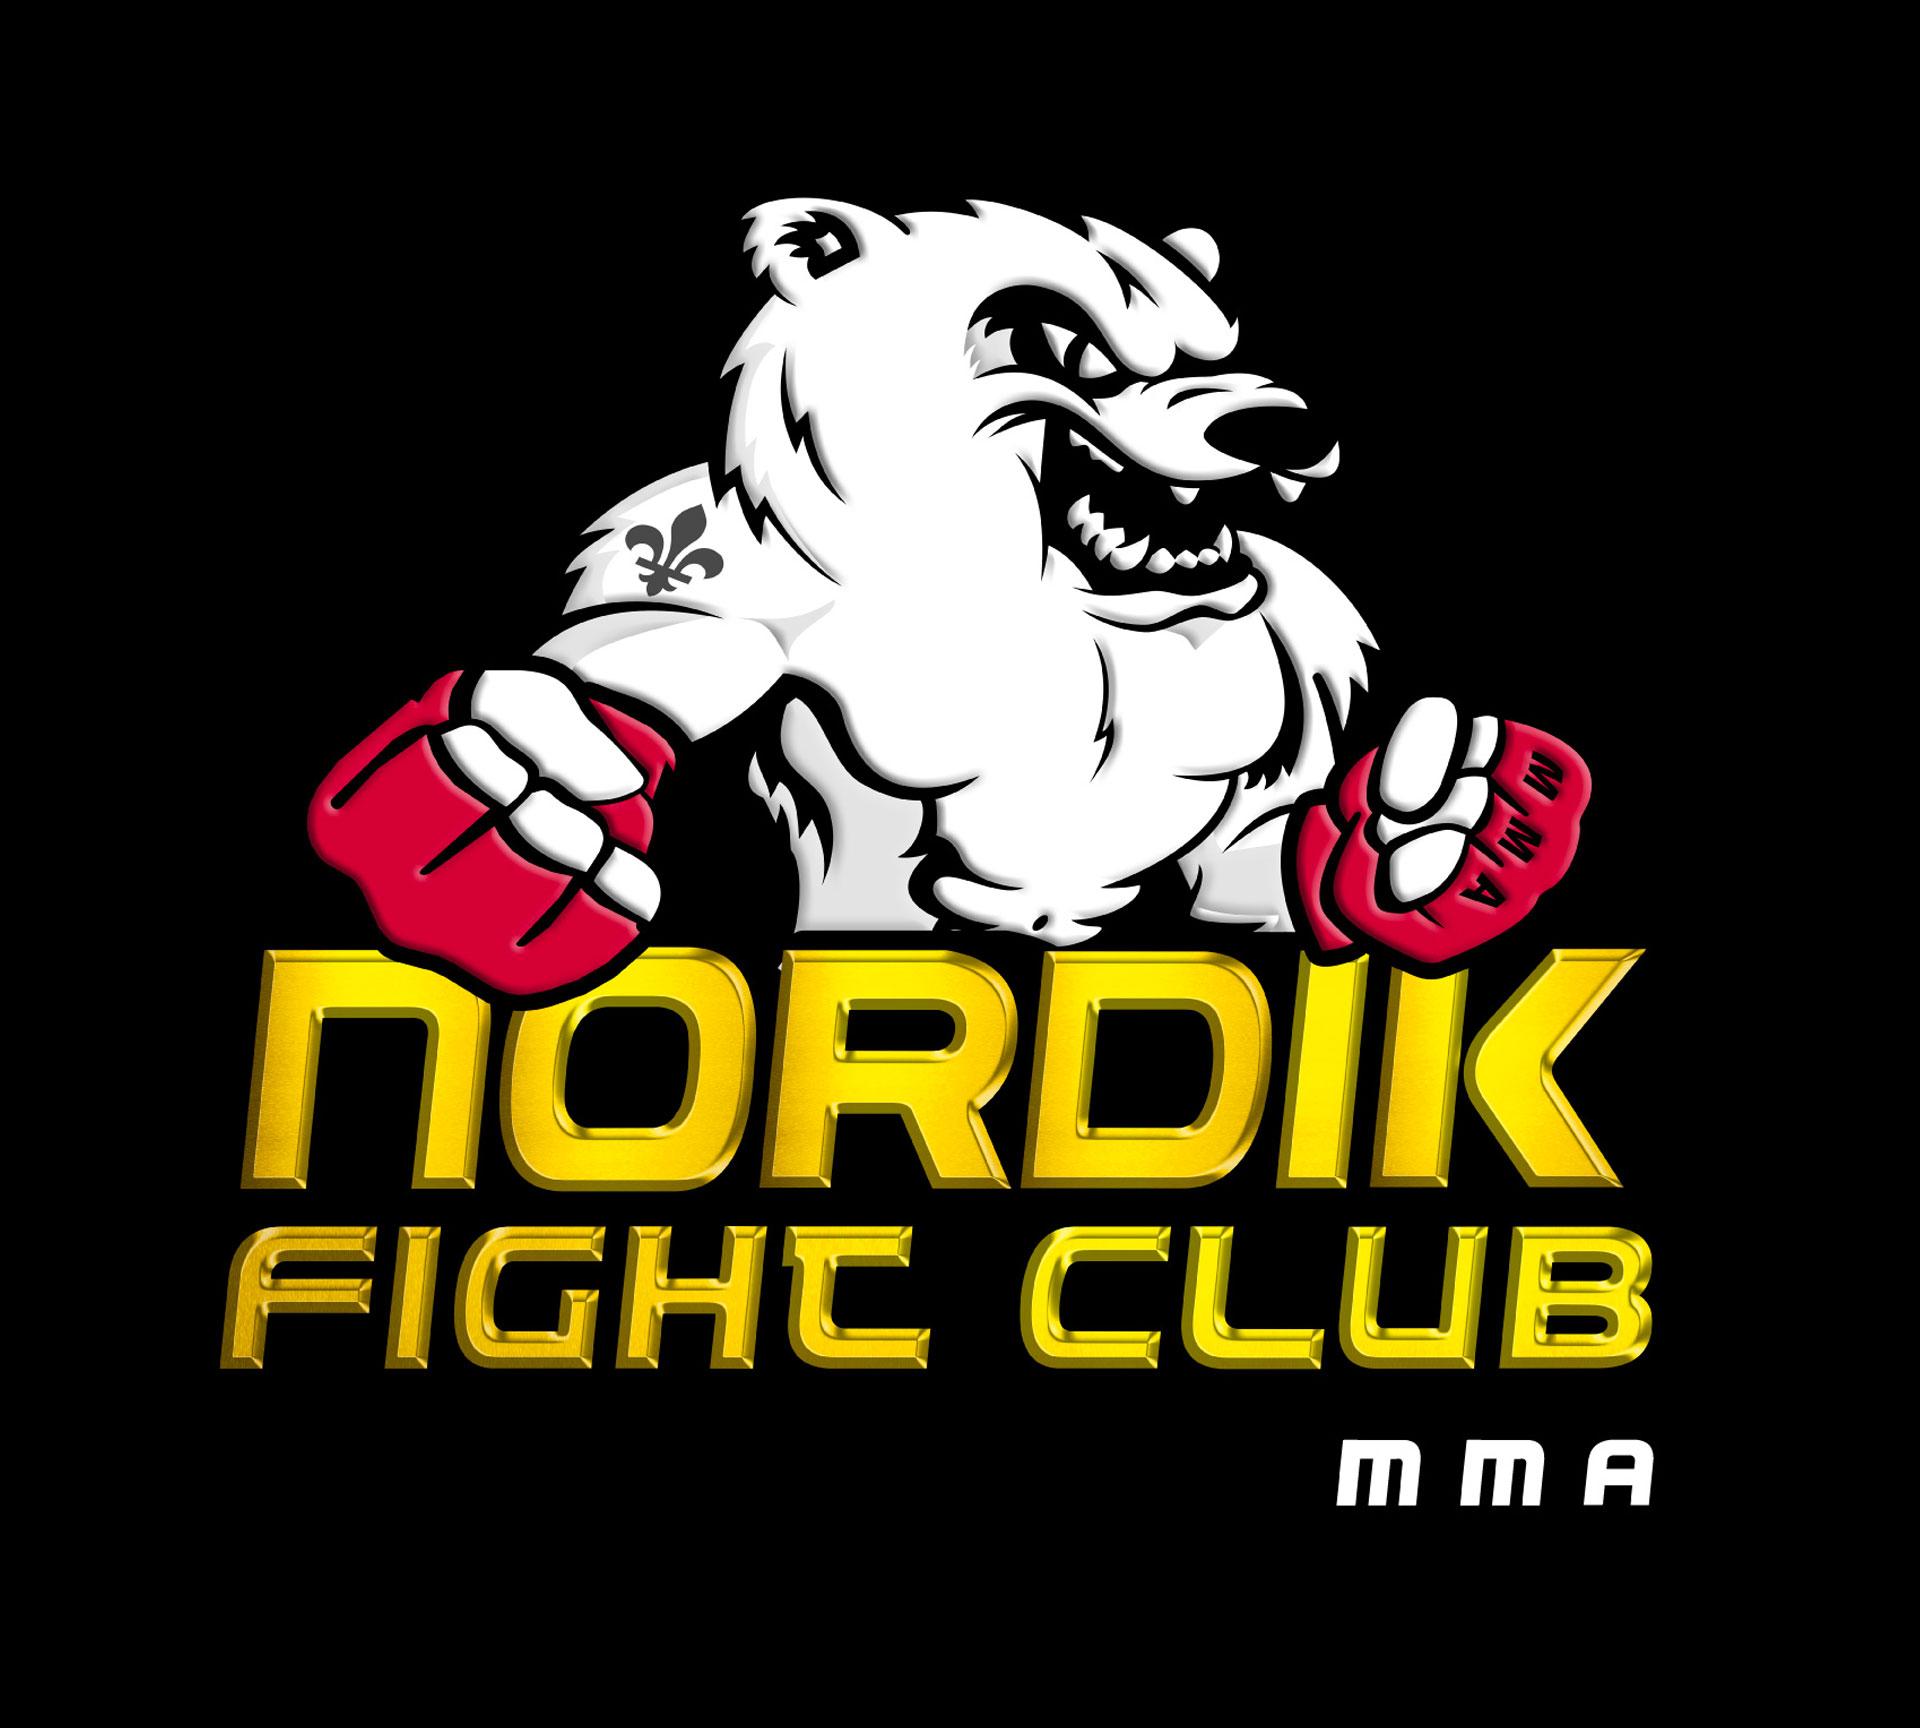 Nordik Fight Club mma